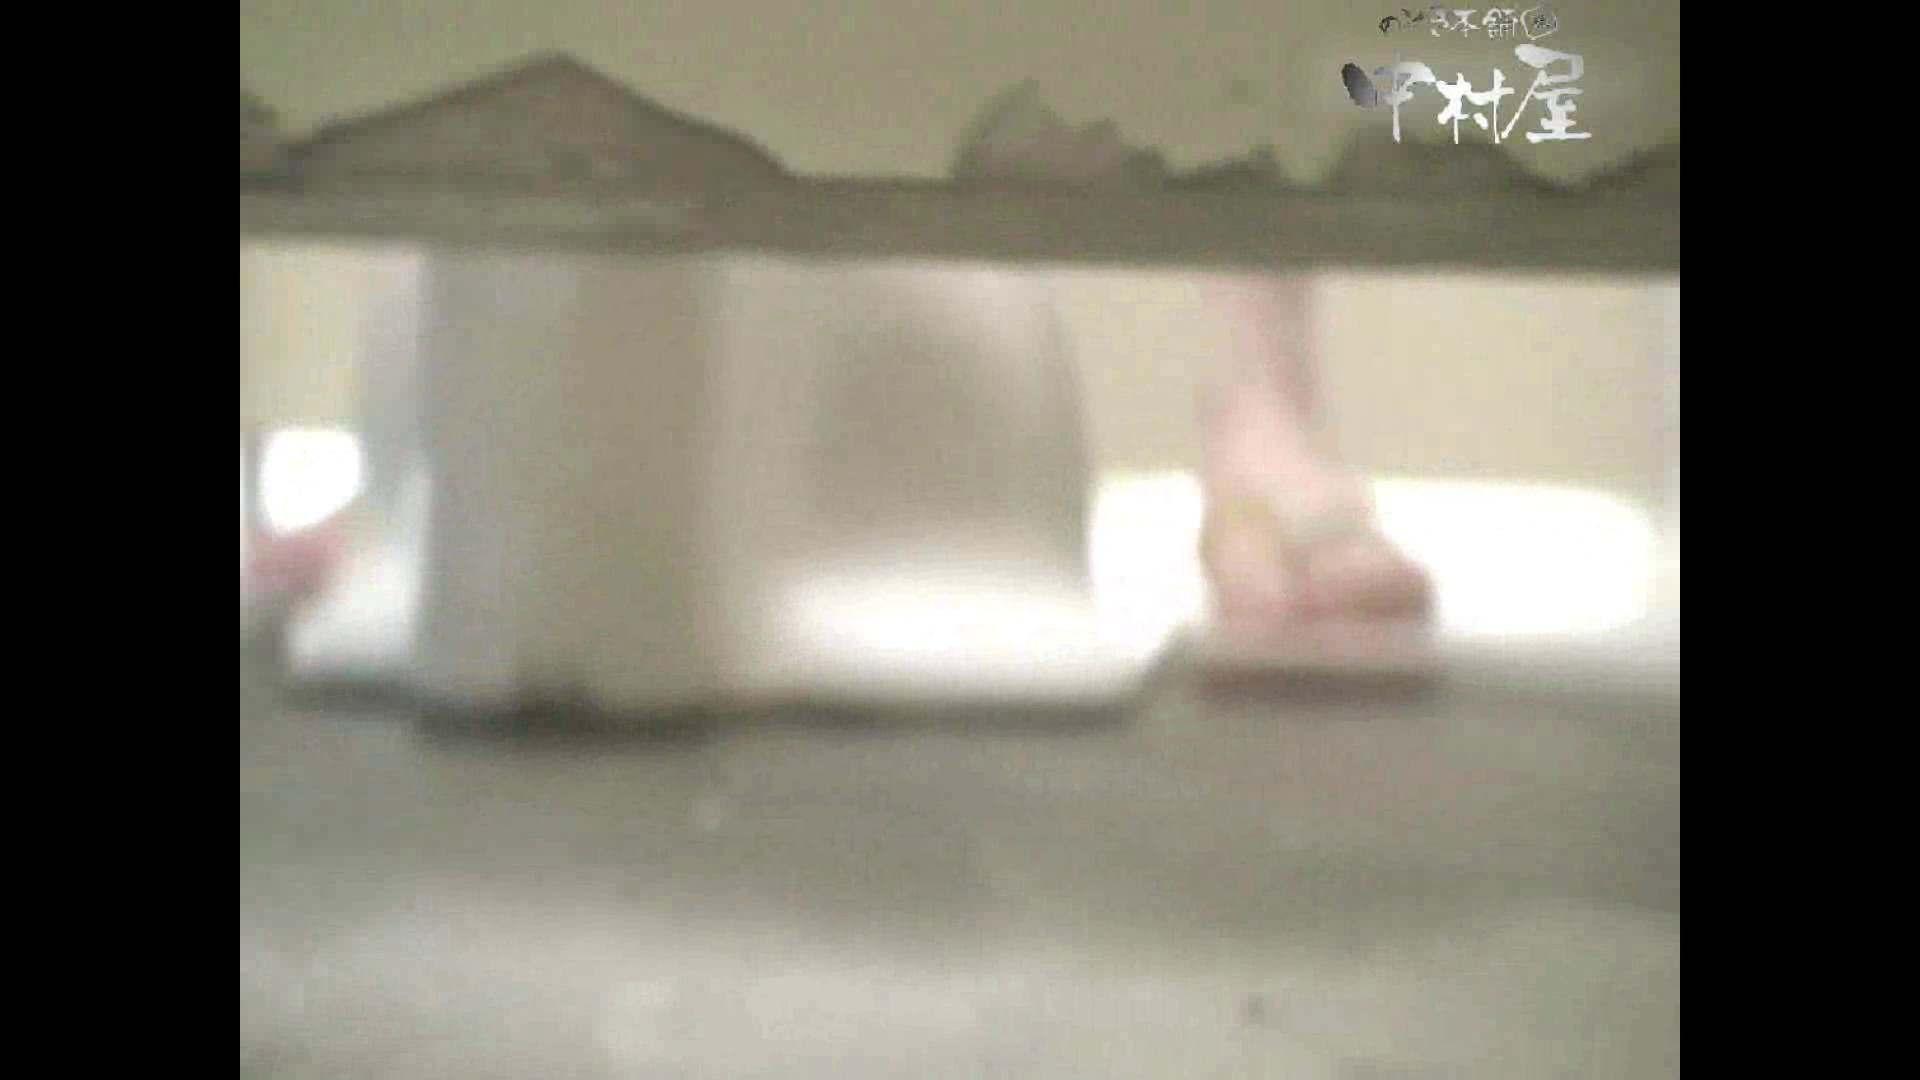 岩手県在住盗撮師盗撮記録vol.15 お姉さんのエロ動画 盗み撮り動画 111PIX 53